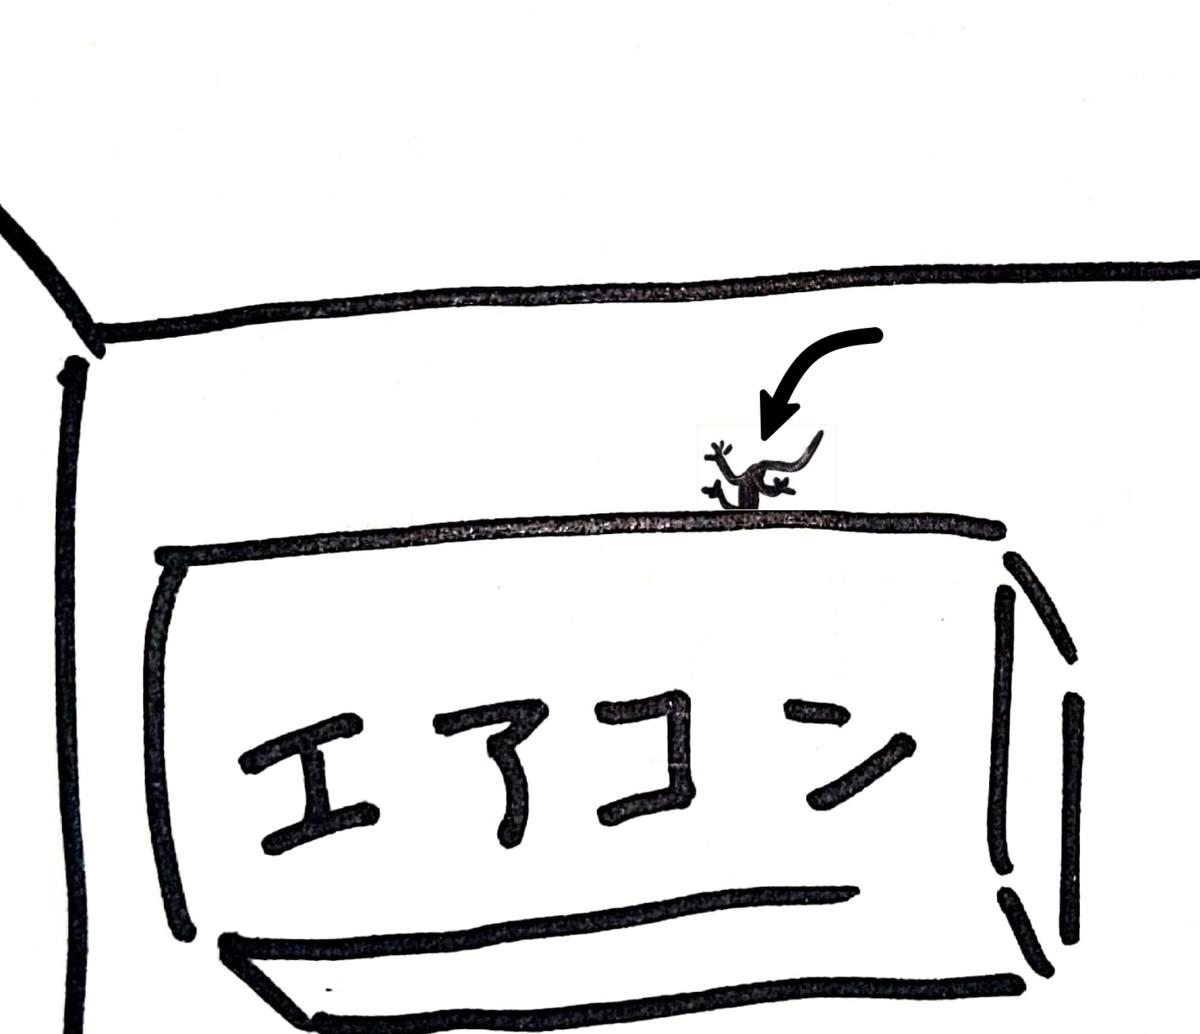 f:id:me-hige:20200708093426p:plain